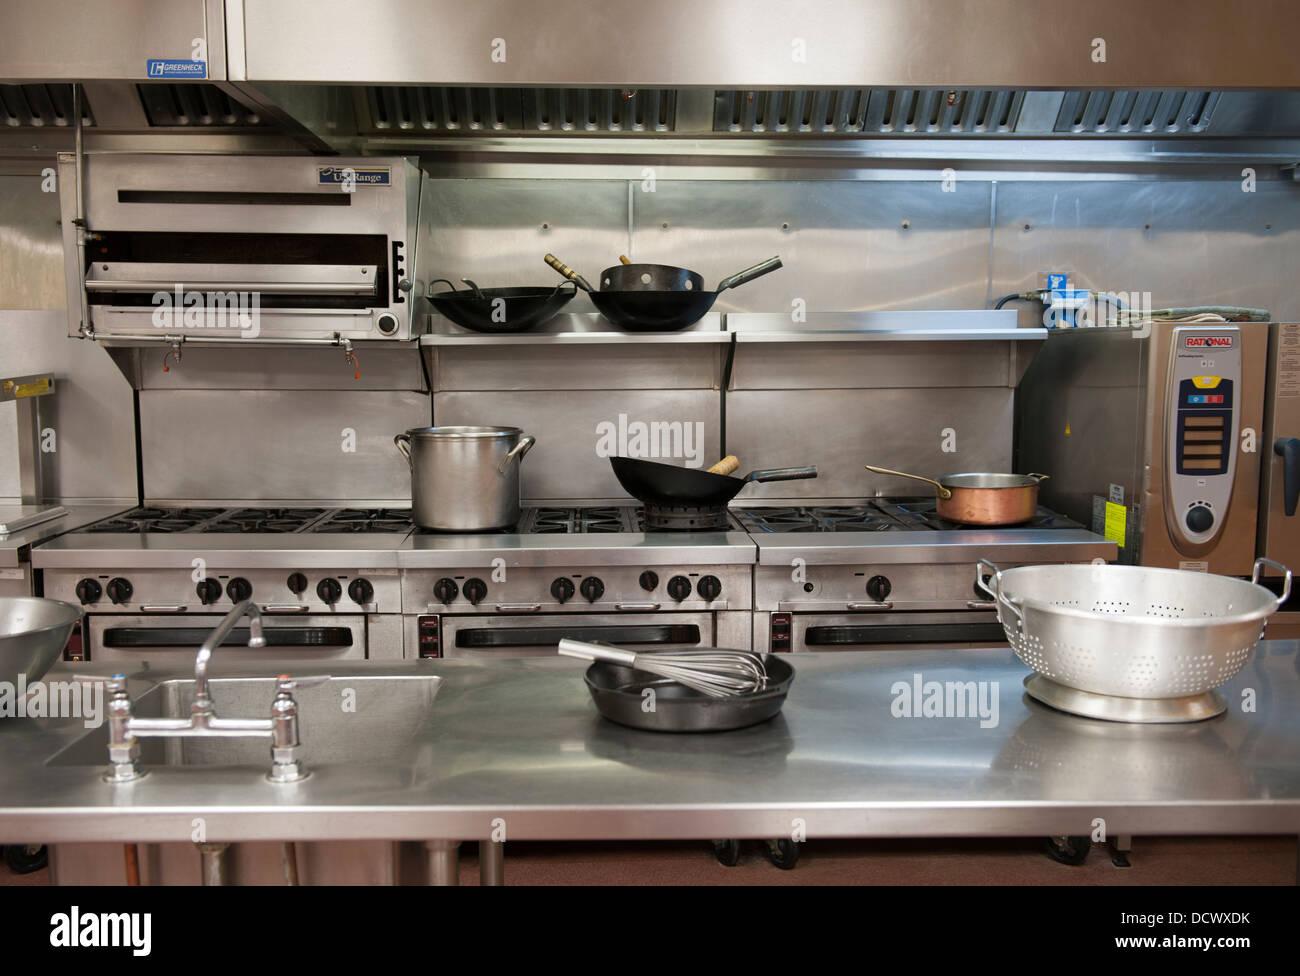 Imperial Küchenofen : Profiküche mit töpfen und pfannen stockfoto bild: 59576543 alamy